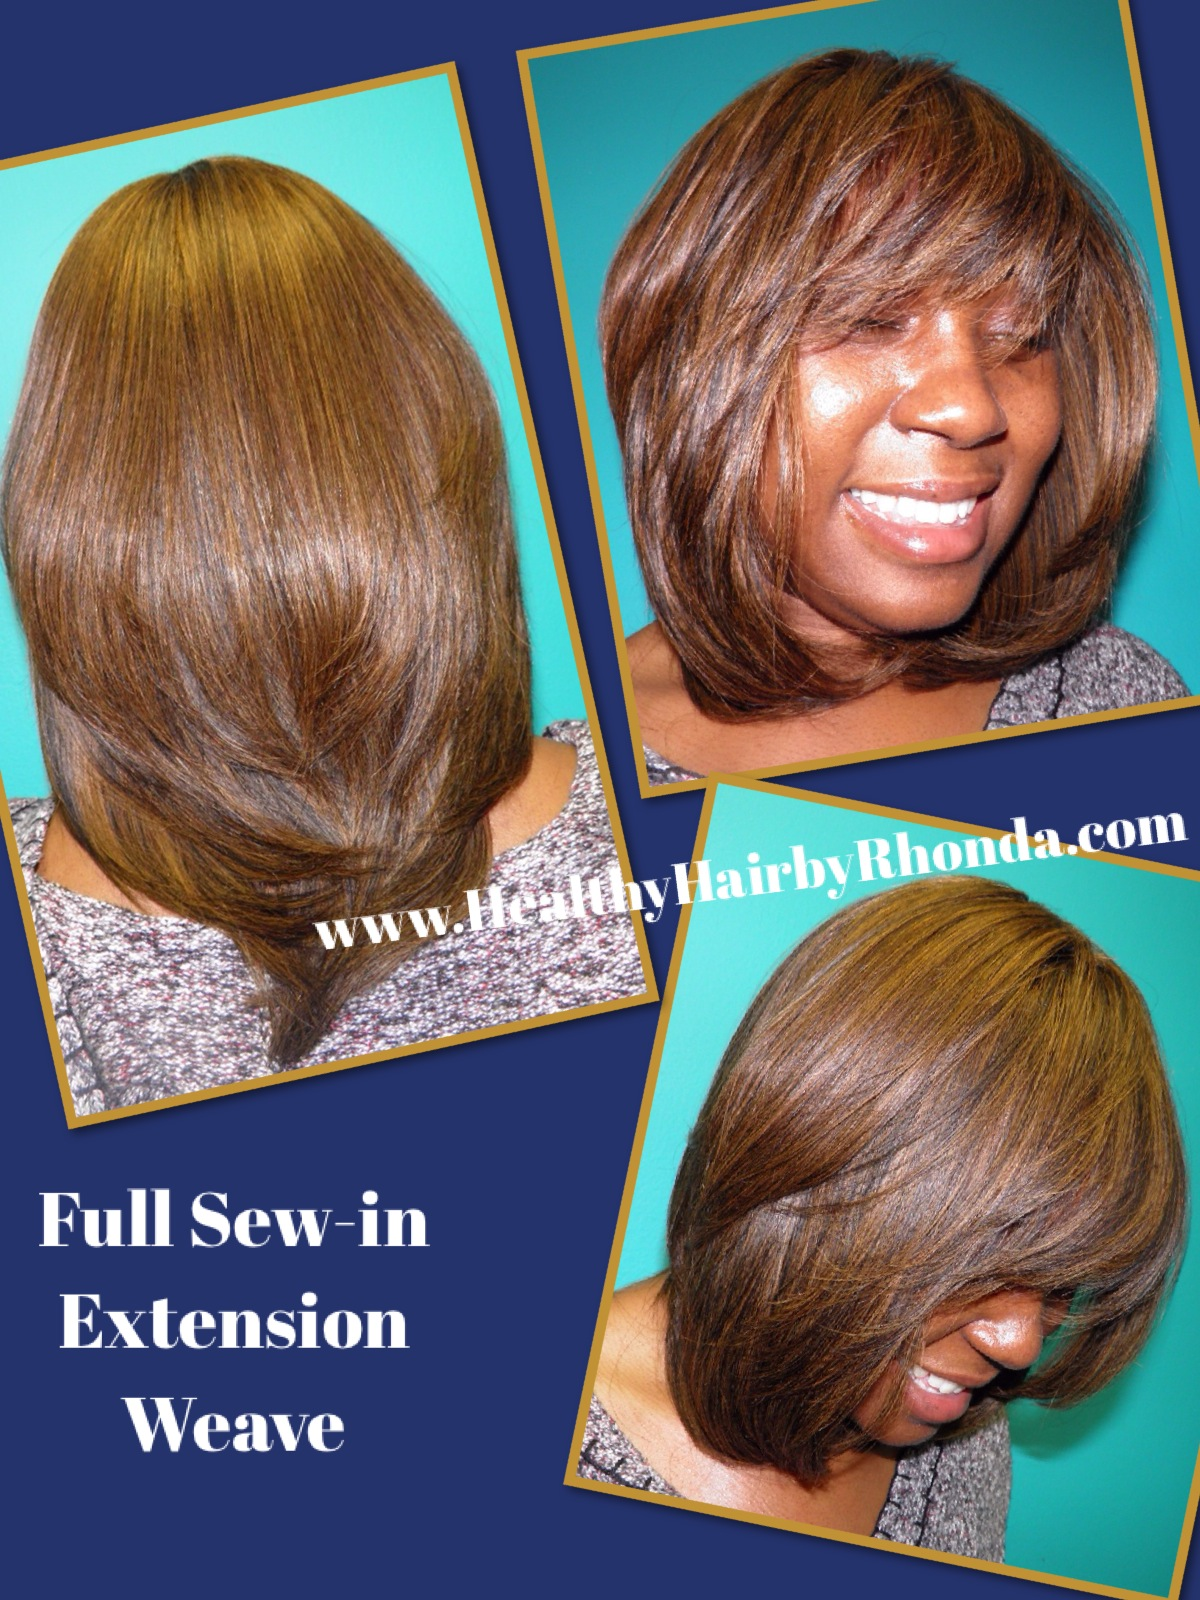 Healthy Hair By Rhonda